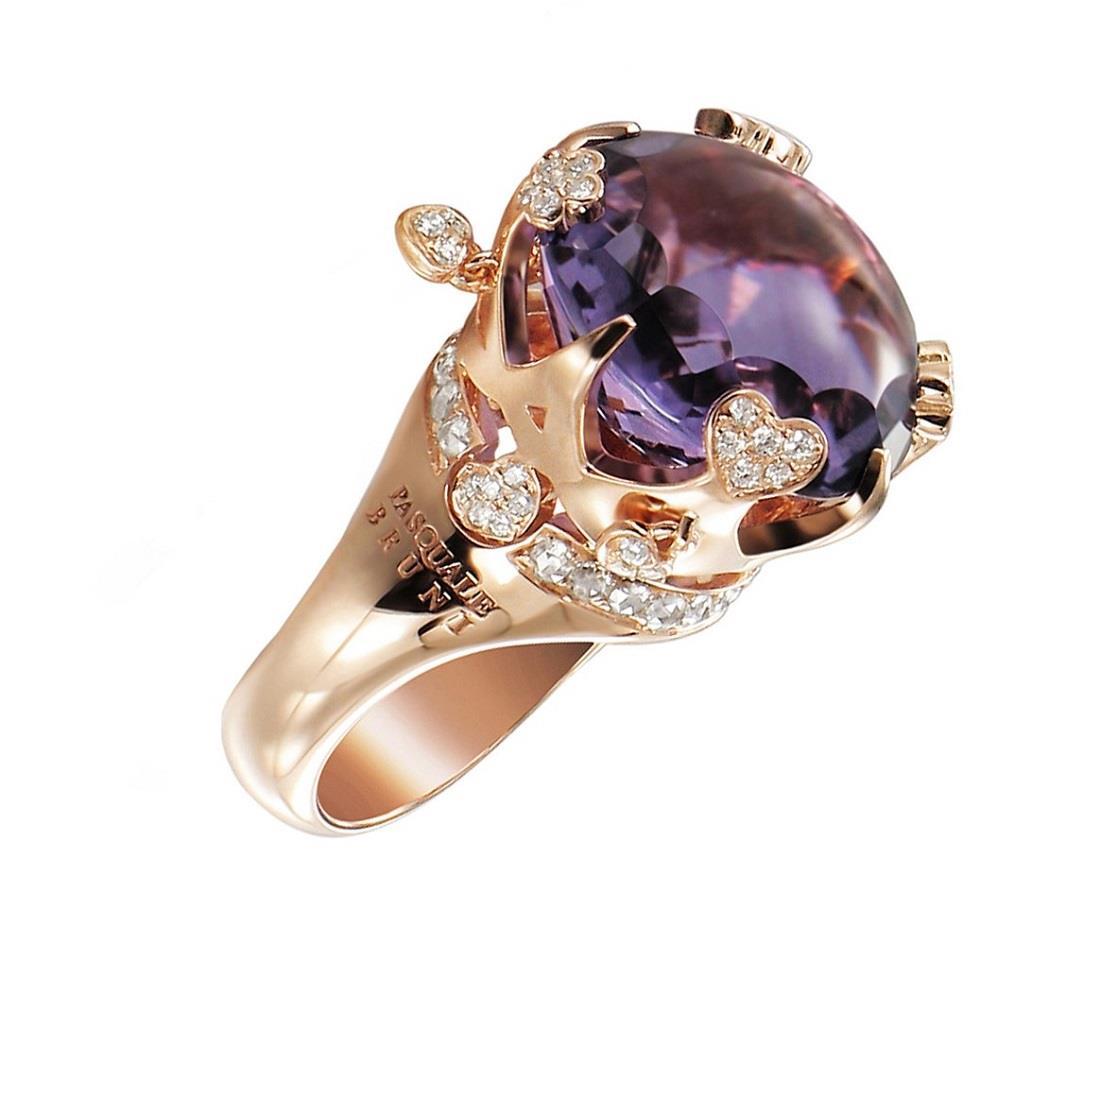 Anello con diamanti e ametista - PASQUALE BRUNI